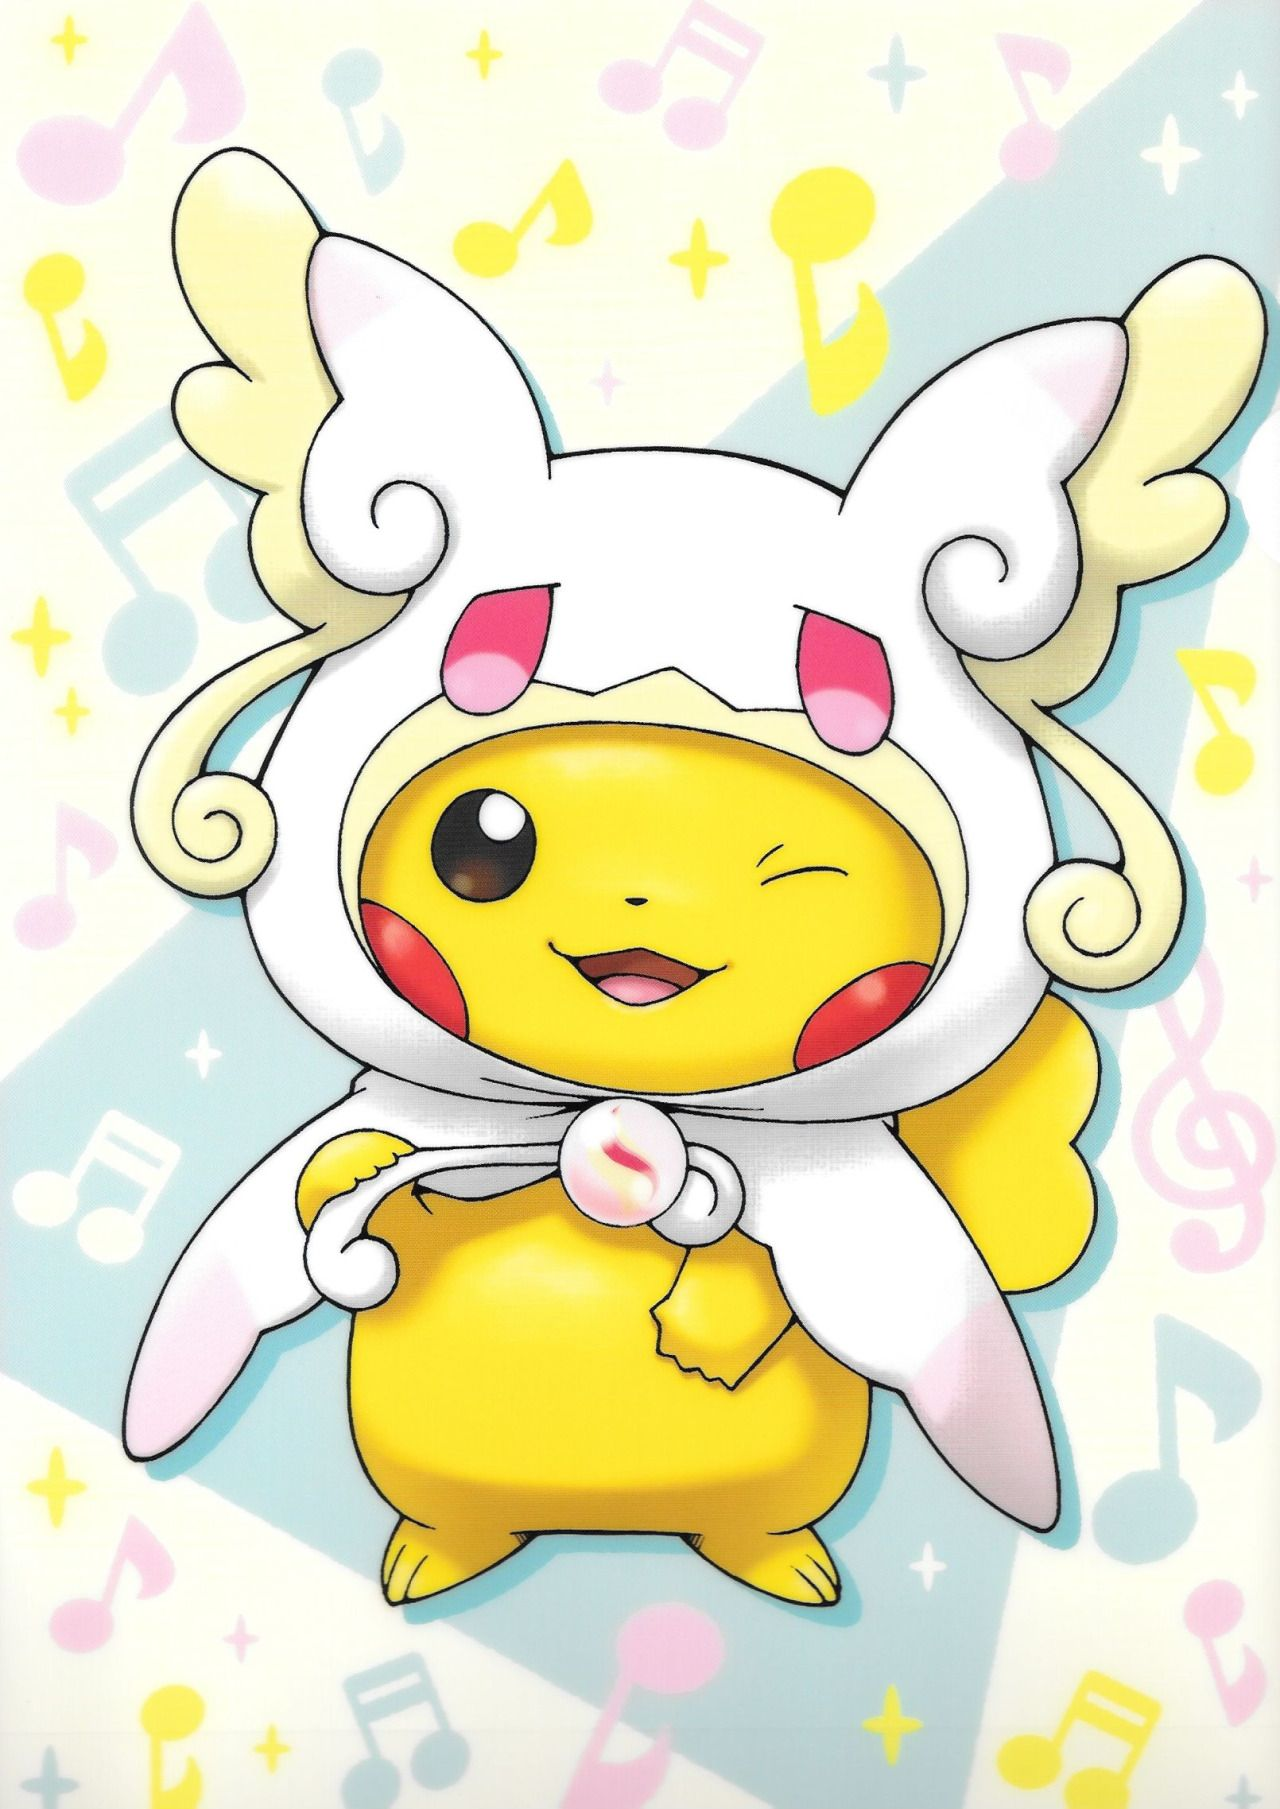 Pokémon Pikachu Poncho F Pokémon Fabelwesen Und Ausmalbilder